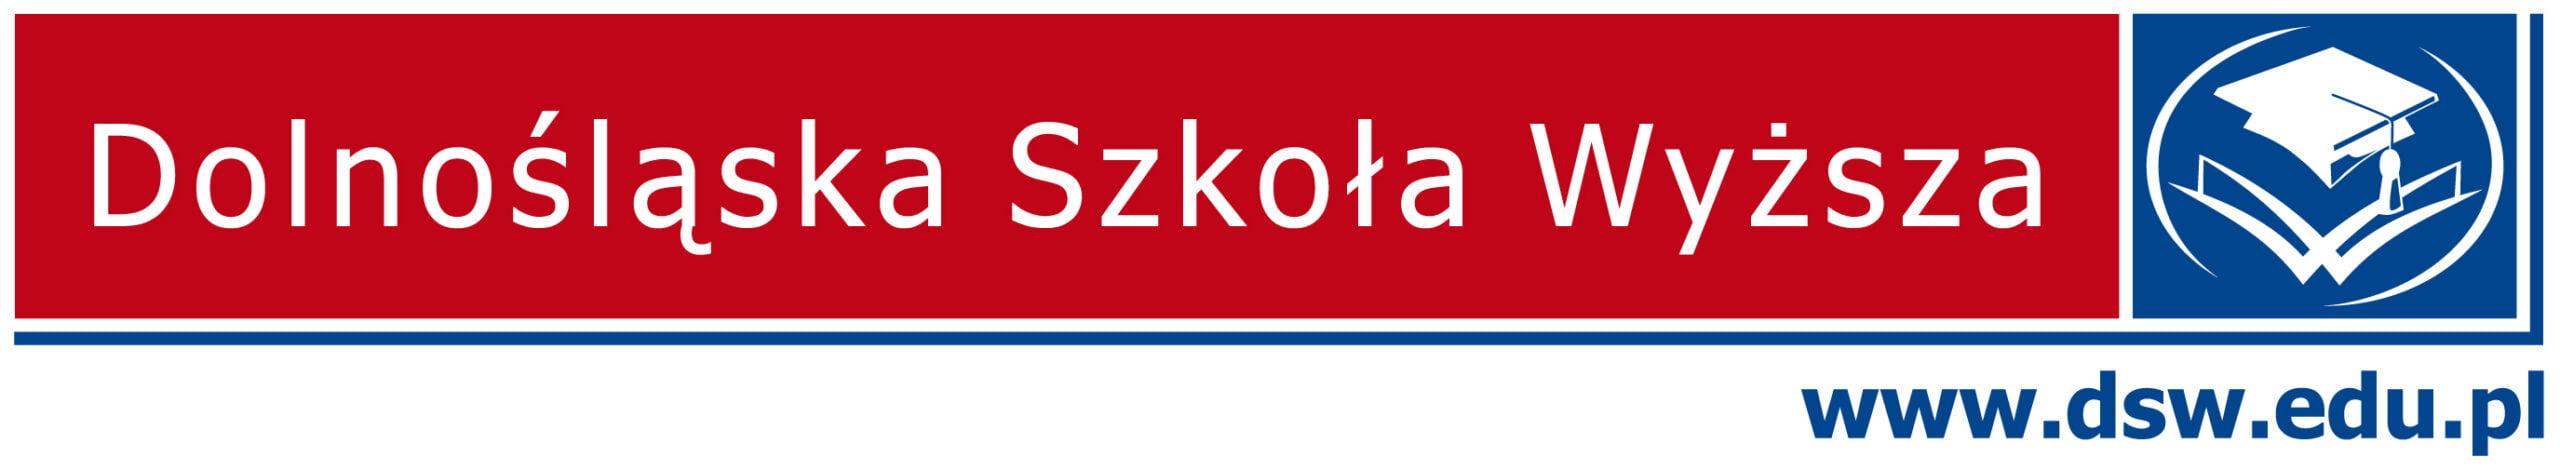 logo_dolnoslaska_szkola_wyzsza